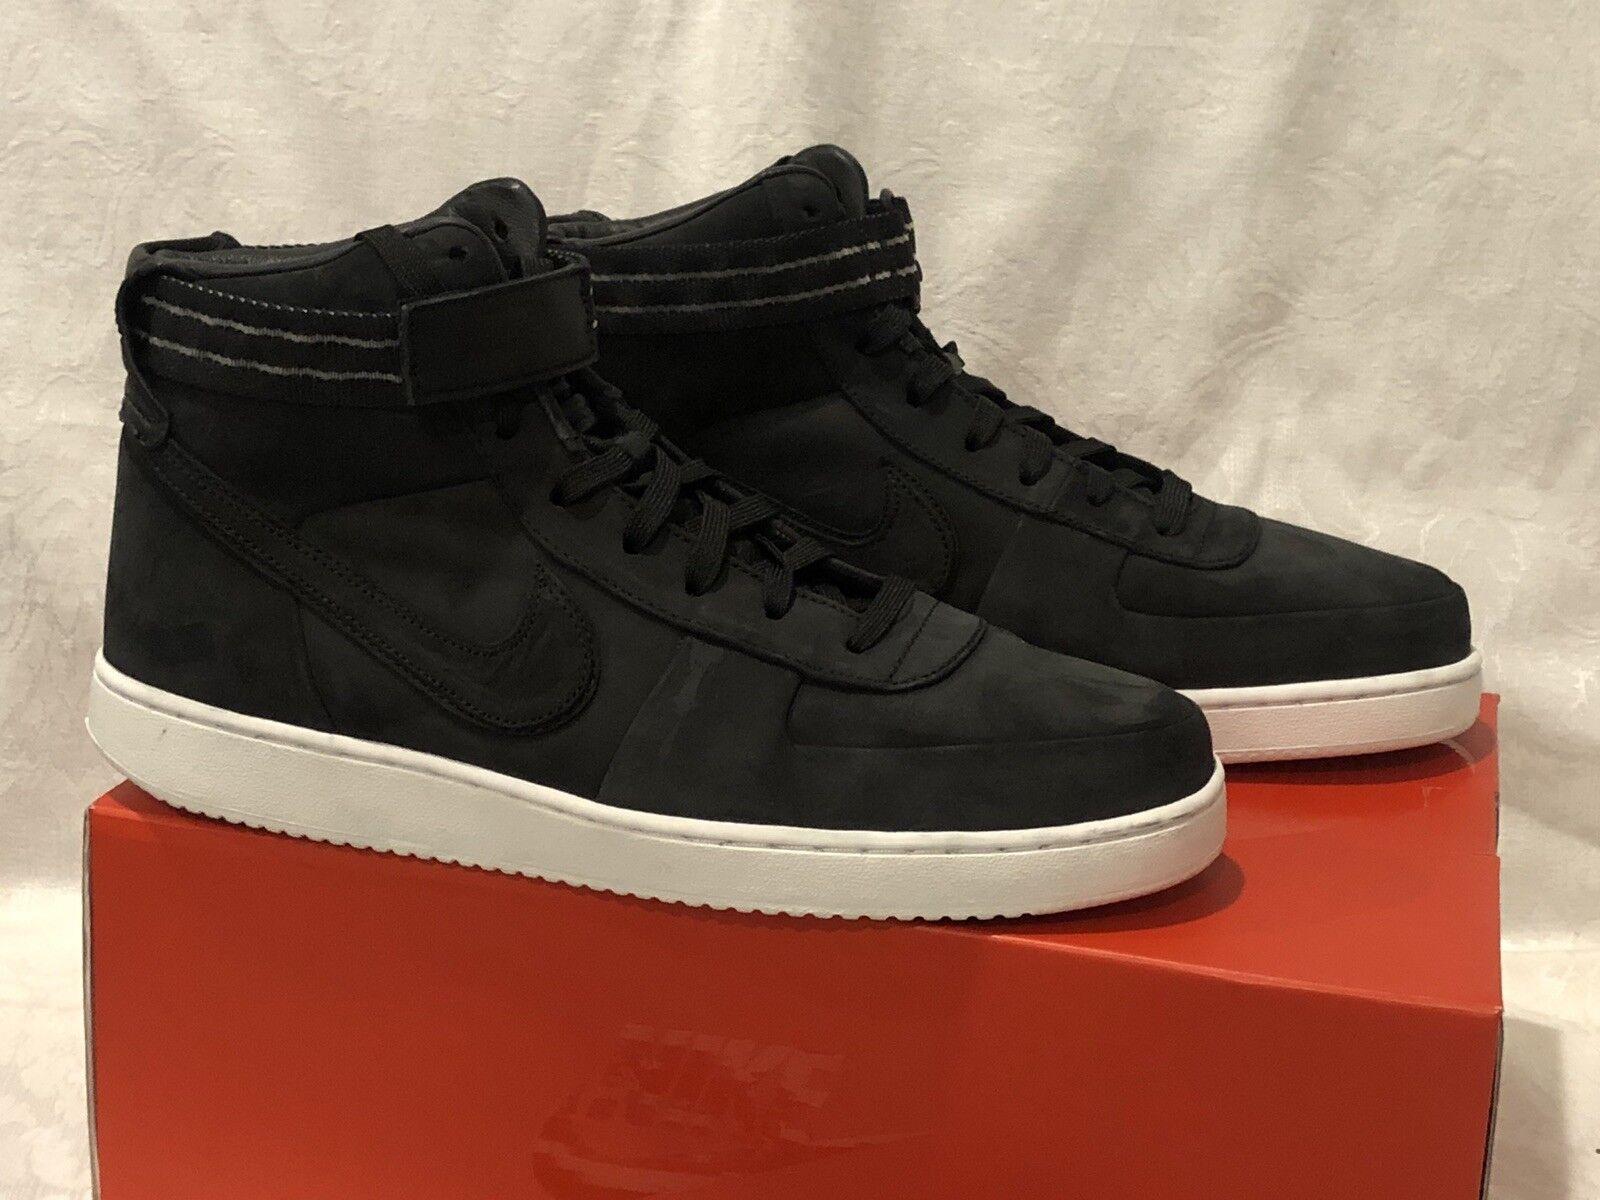 New Men's Men's Men's 10.5 Nike Vandal High Premium John Elliott Black White AR8861-001 1724f9